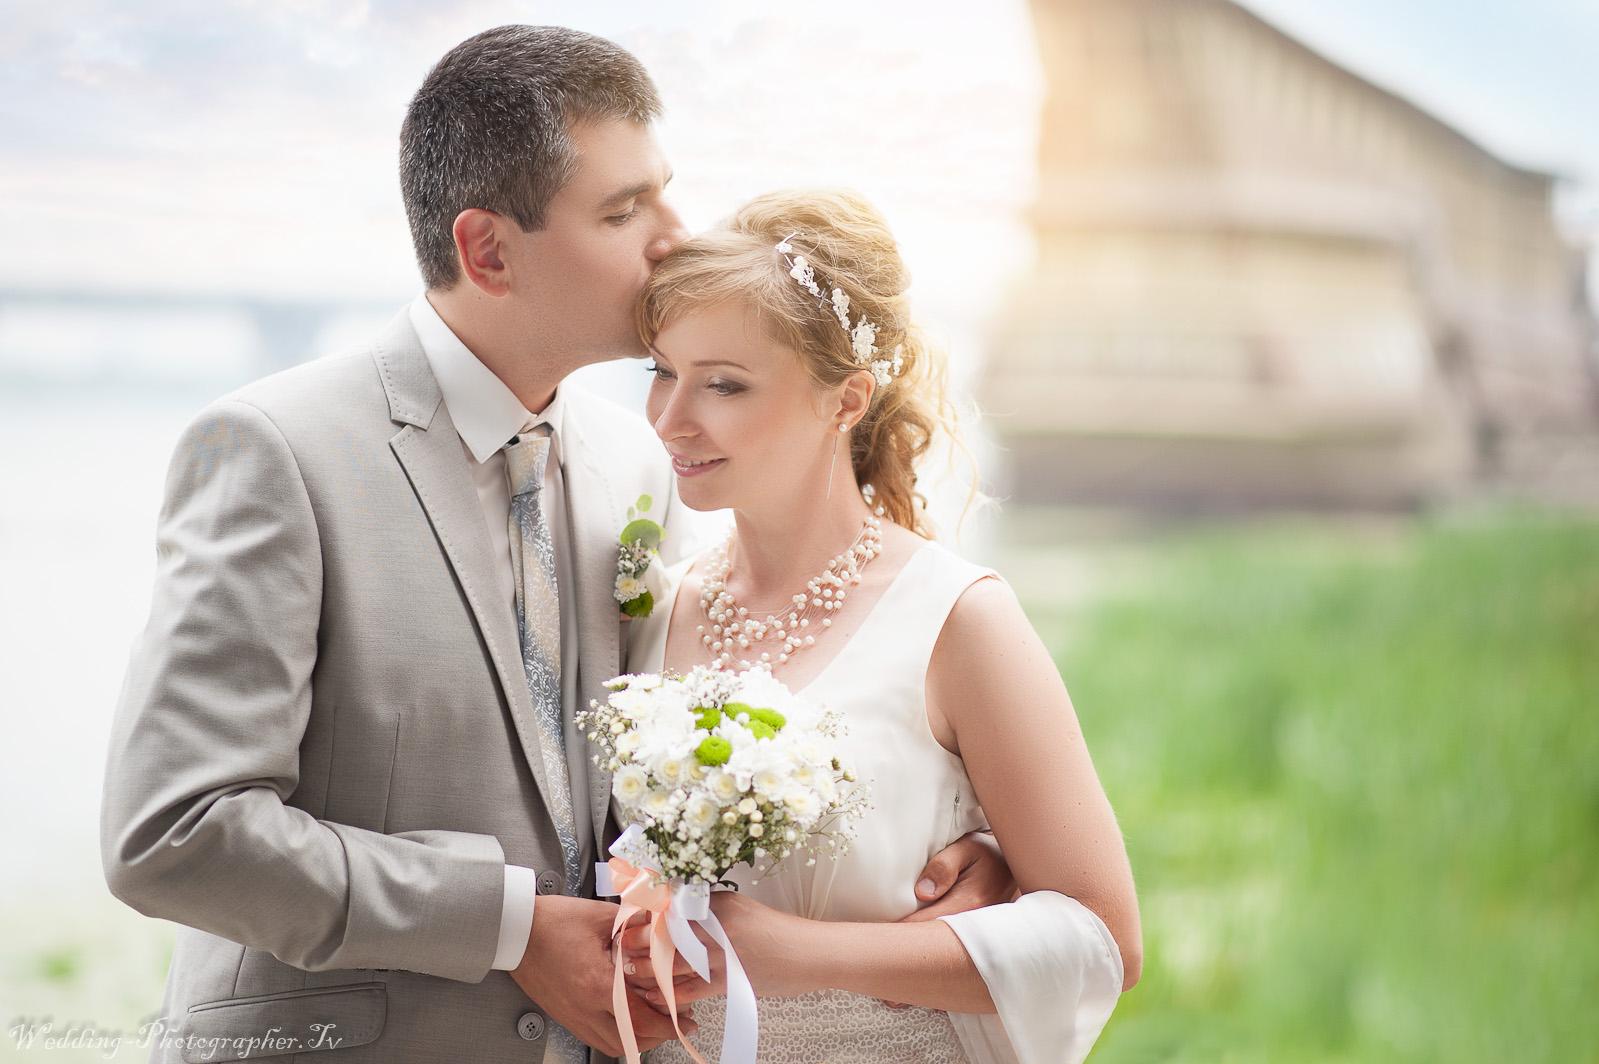 германии это выбрать объектив для свадебного фотографа камеру руки